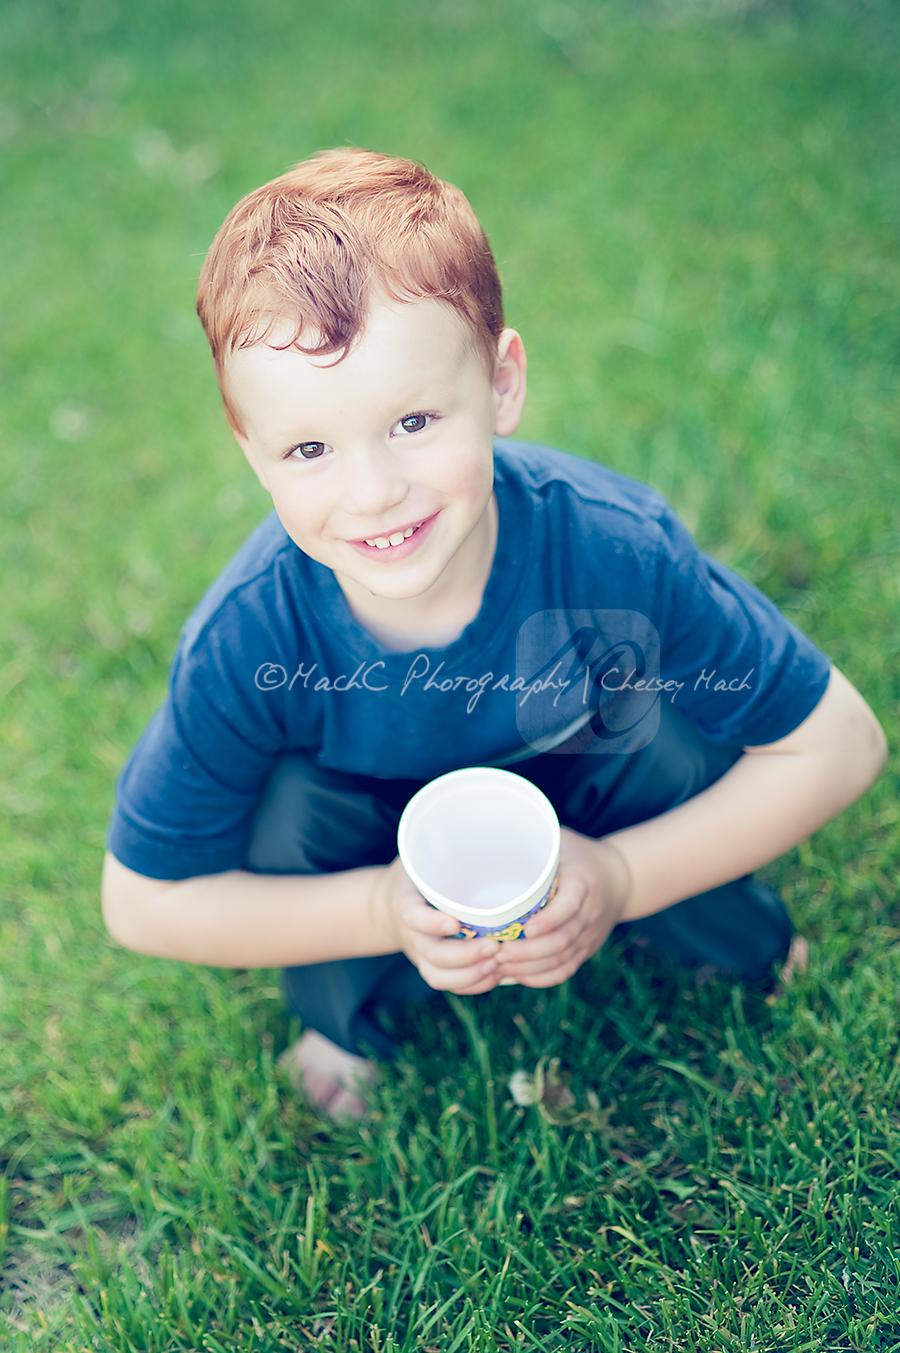 fbksphotographyfamily-1